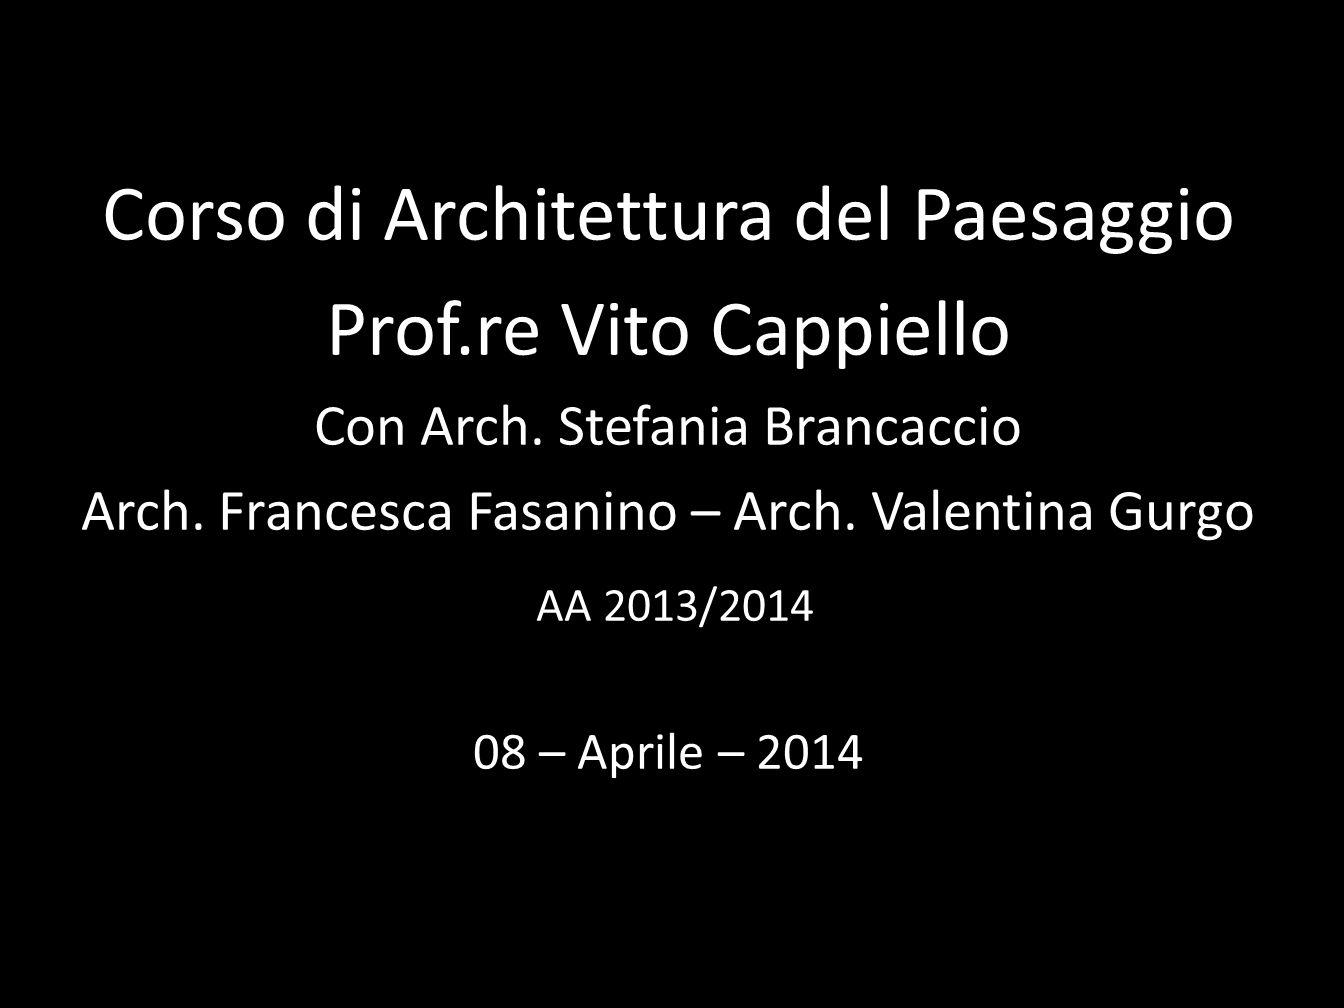 Corso di Architettura del Paesaggio Prof.re Vito Cappiello